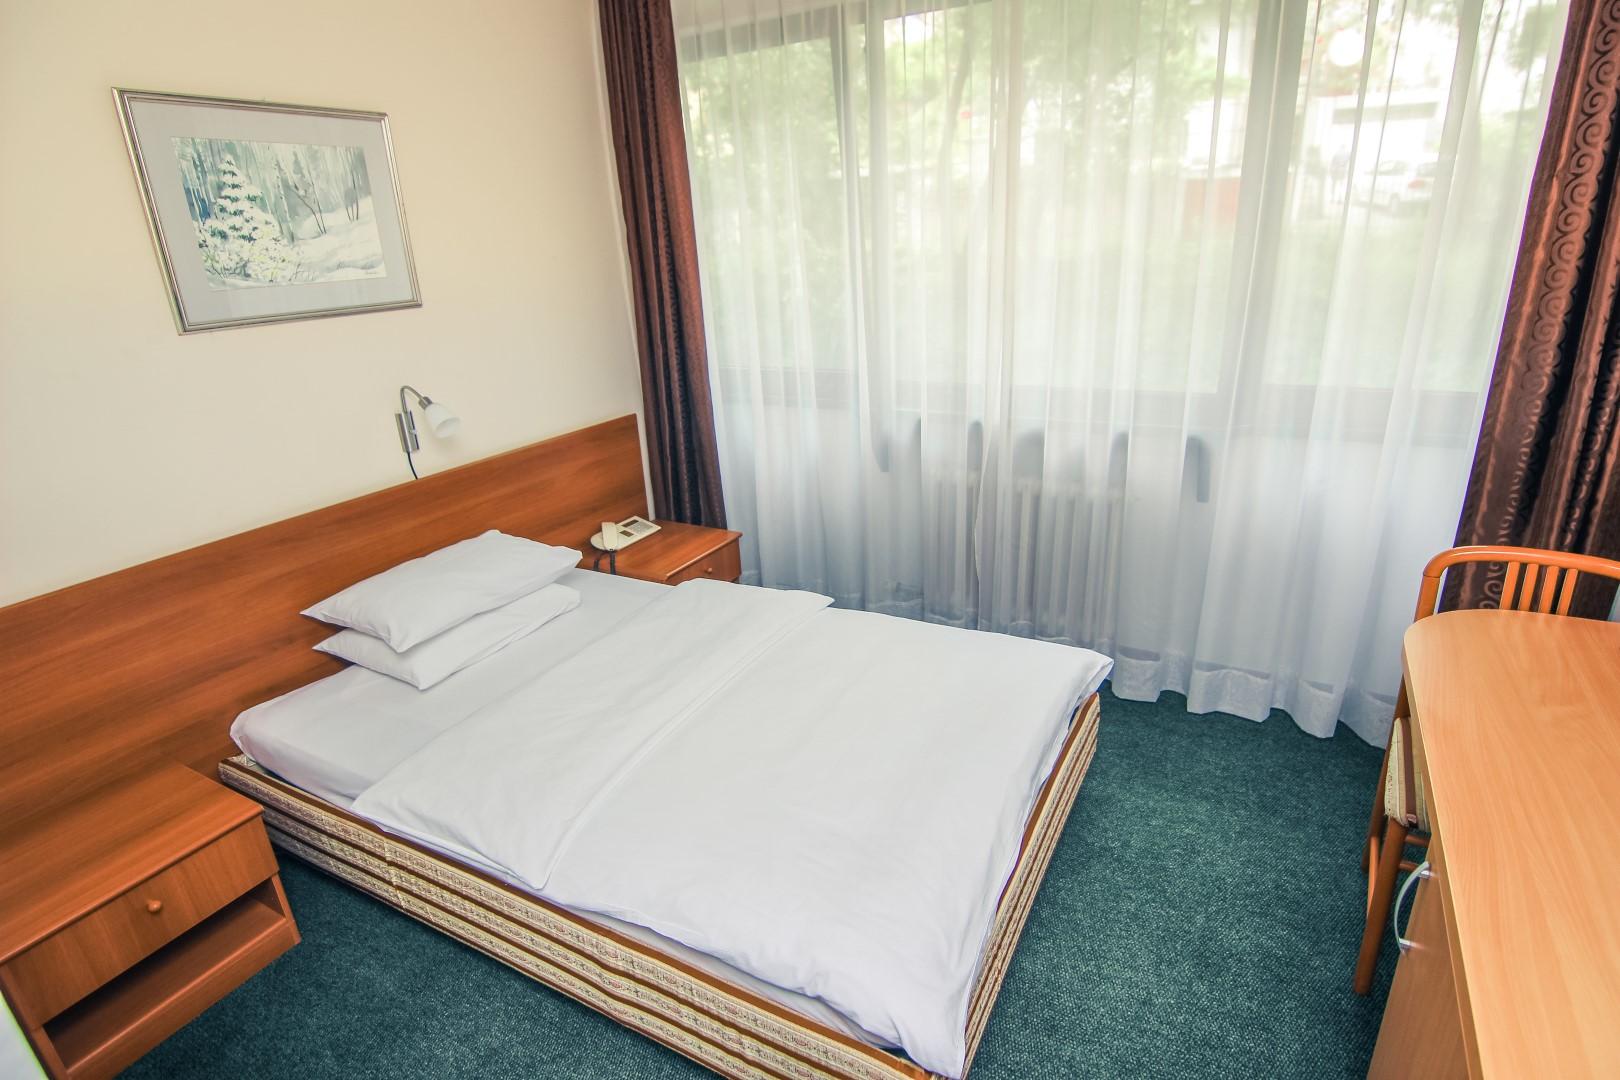 Putovanje Trebinje, Sarajevo, Mostar, Višegrad evropski gradovi, city break, hotel Grand, izgled sobe